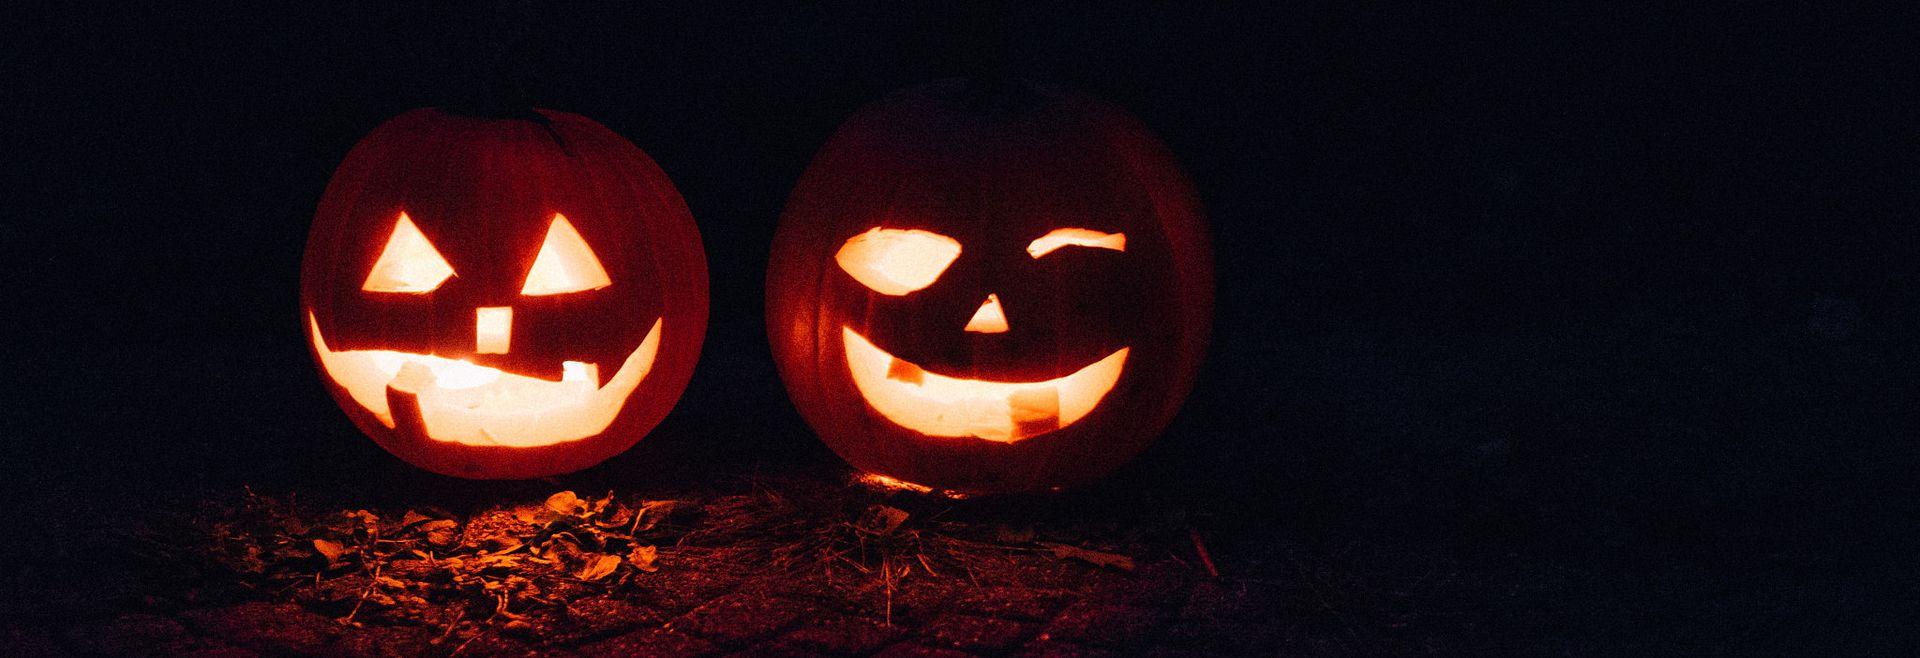 Two Jack-o-Lanterns lit up at night